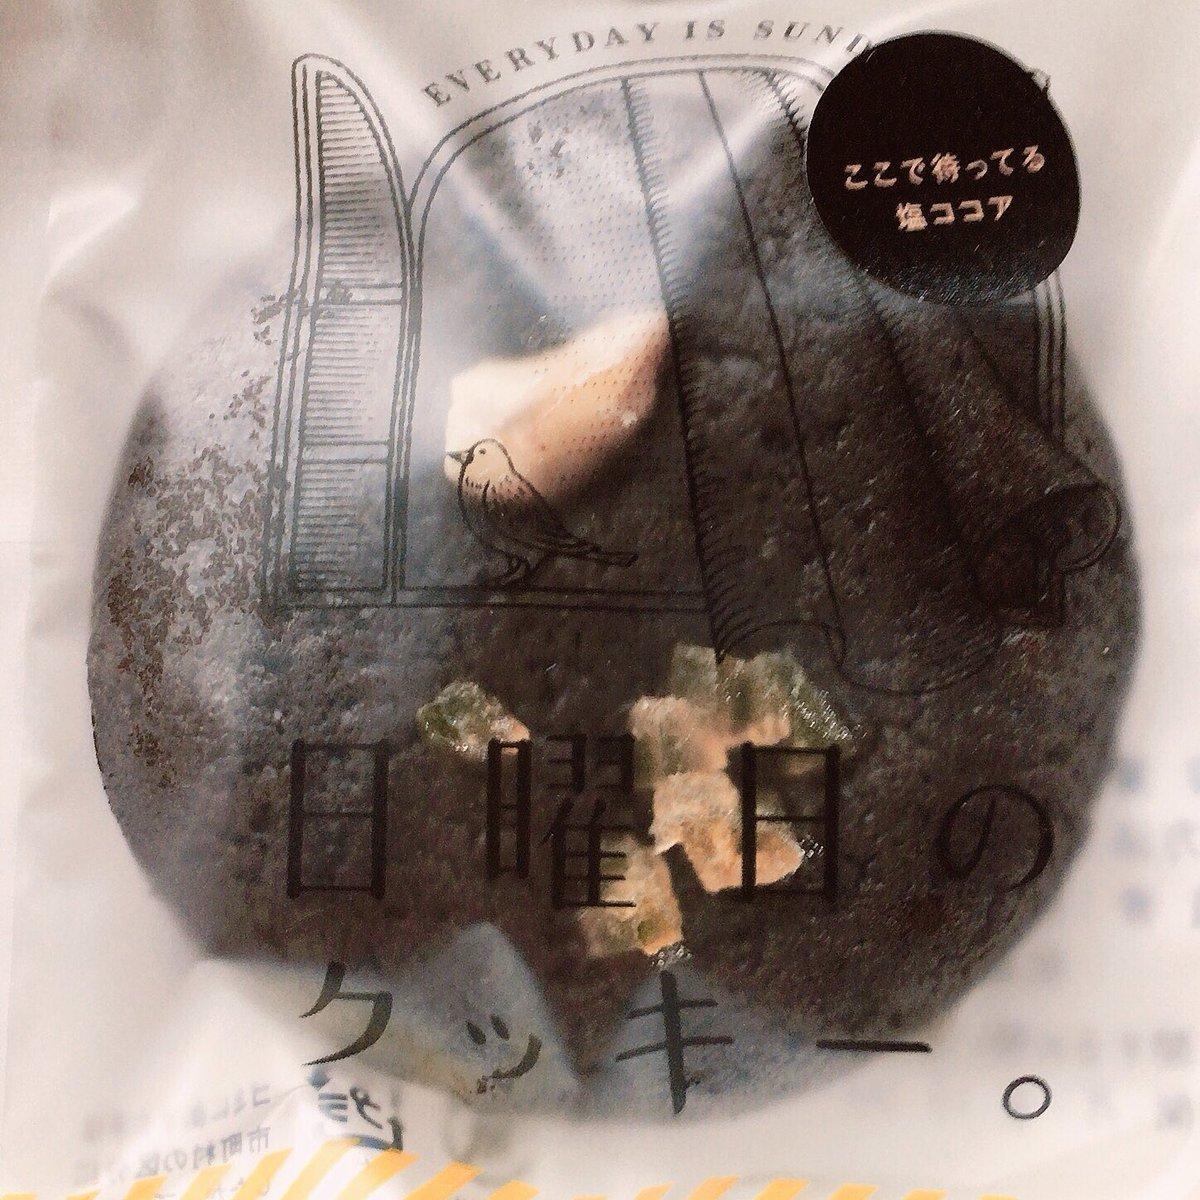 #日曜日のクッキー。 #ここで待ってる塩ココア (番外編) スイーツレポはこちら♡→http://blog.livedoor.jp/tyottosuper/archives/22423625.html… #クッキー #ソフトクッキー #ココアクッキー #北海道のお菓子 #ギフト pic.twitter.com/UCDYCHeFAR